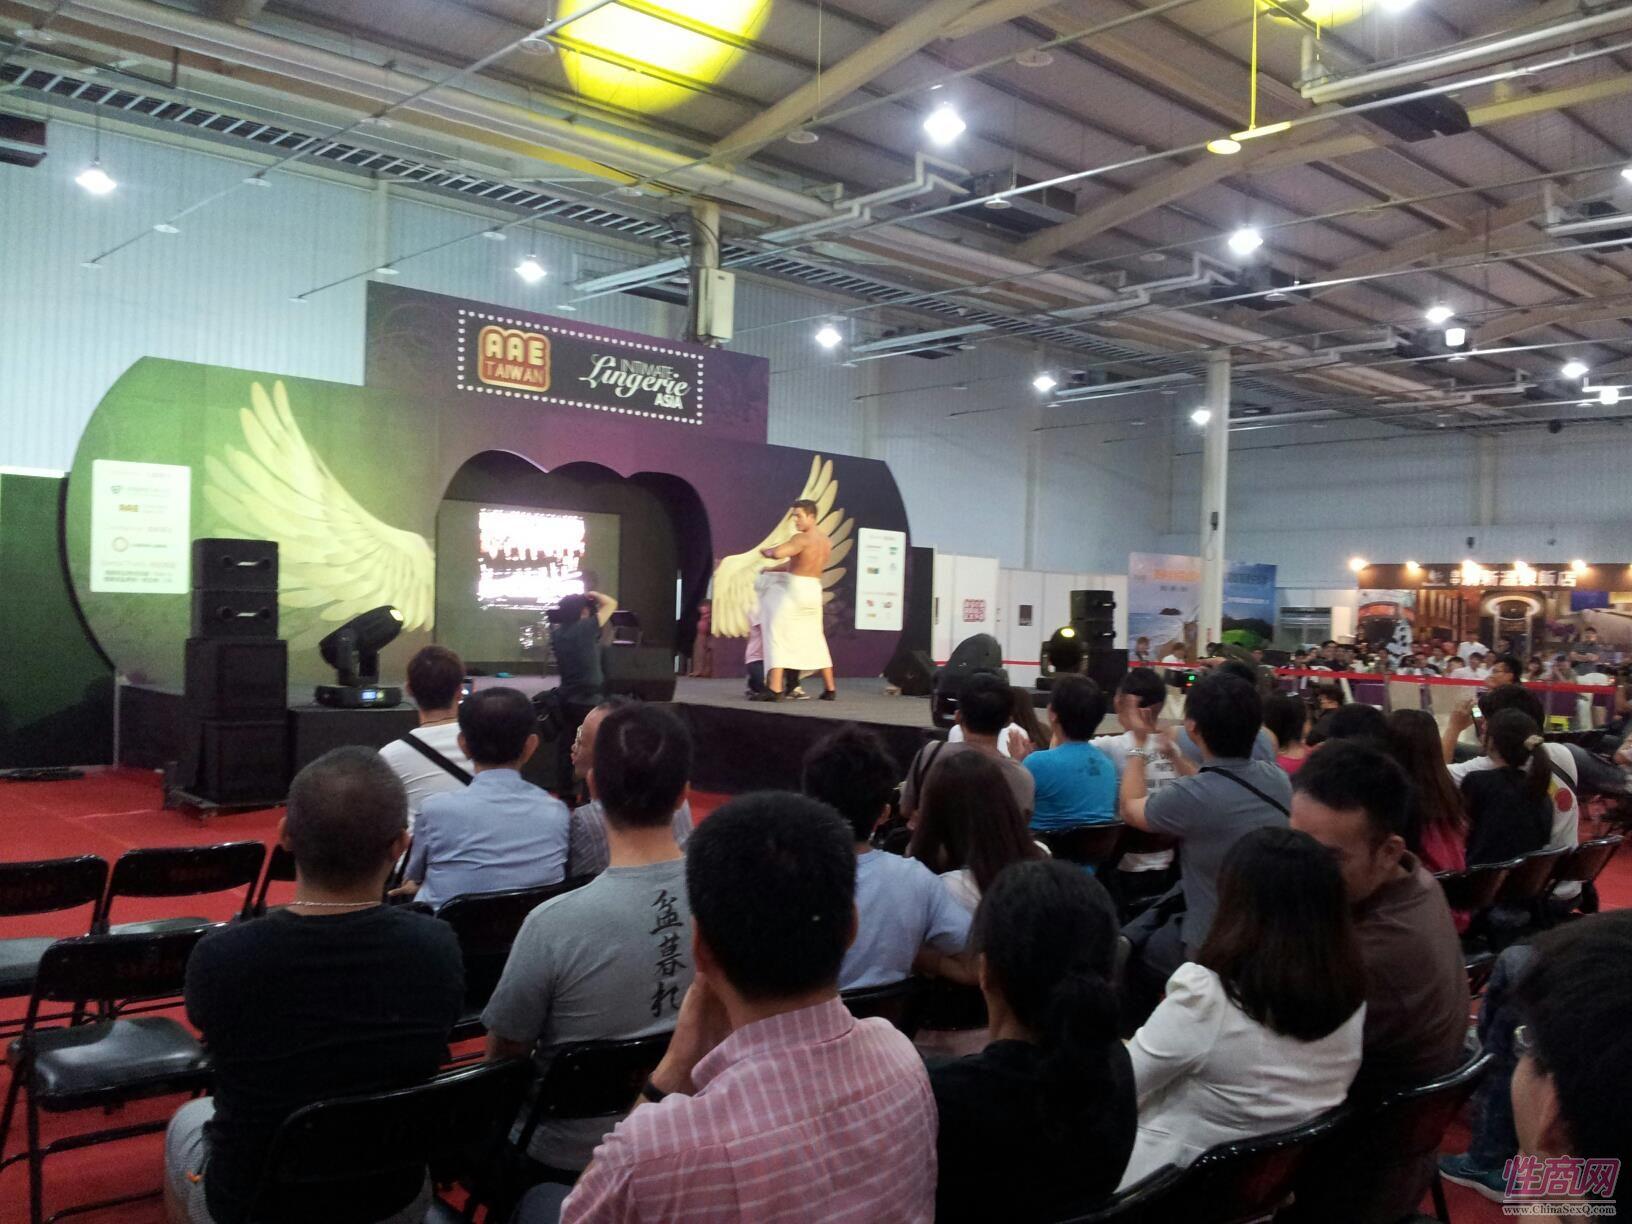 2012台湾亚洲成人博览澳洲热舞团体助阵图片9